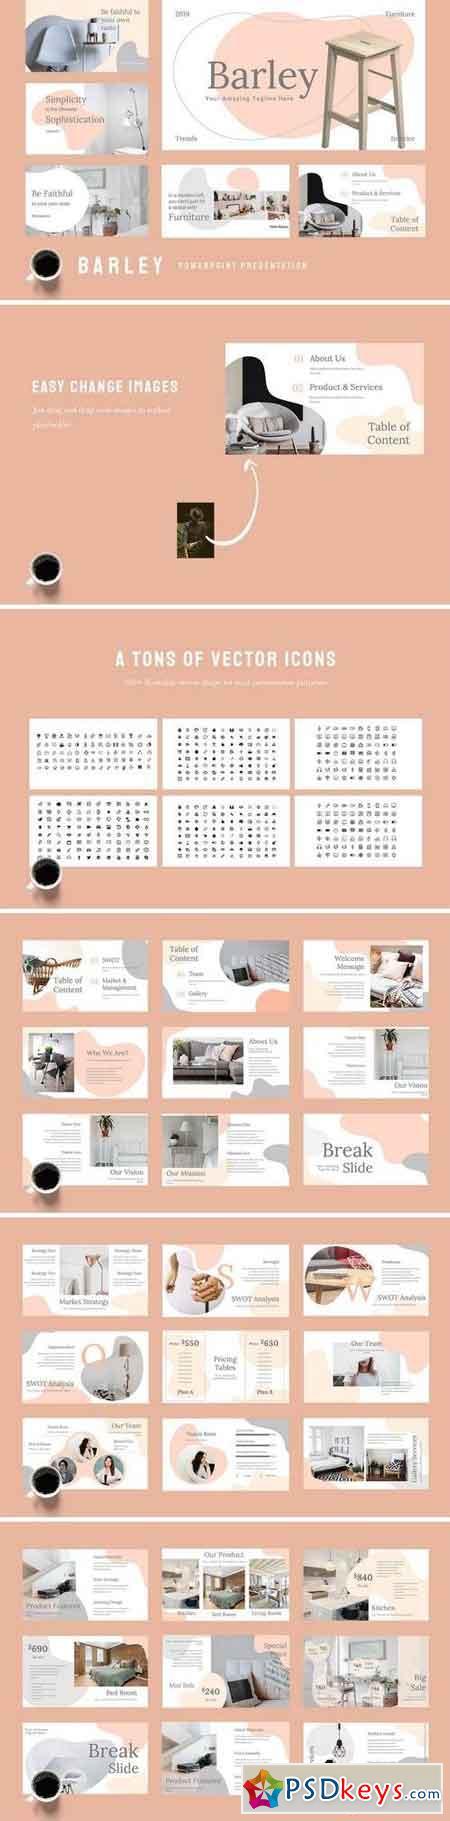 Barley - Furniture - Powerpoint, Keynote, Google Sliders Templates